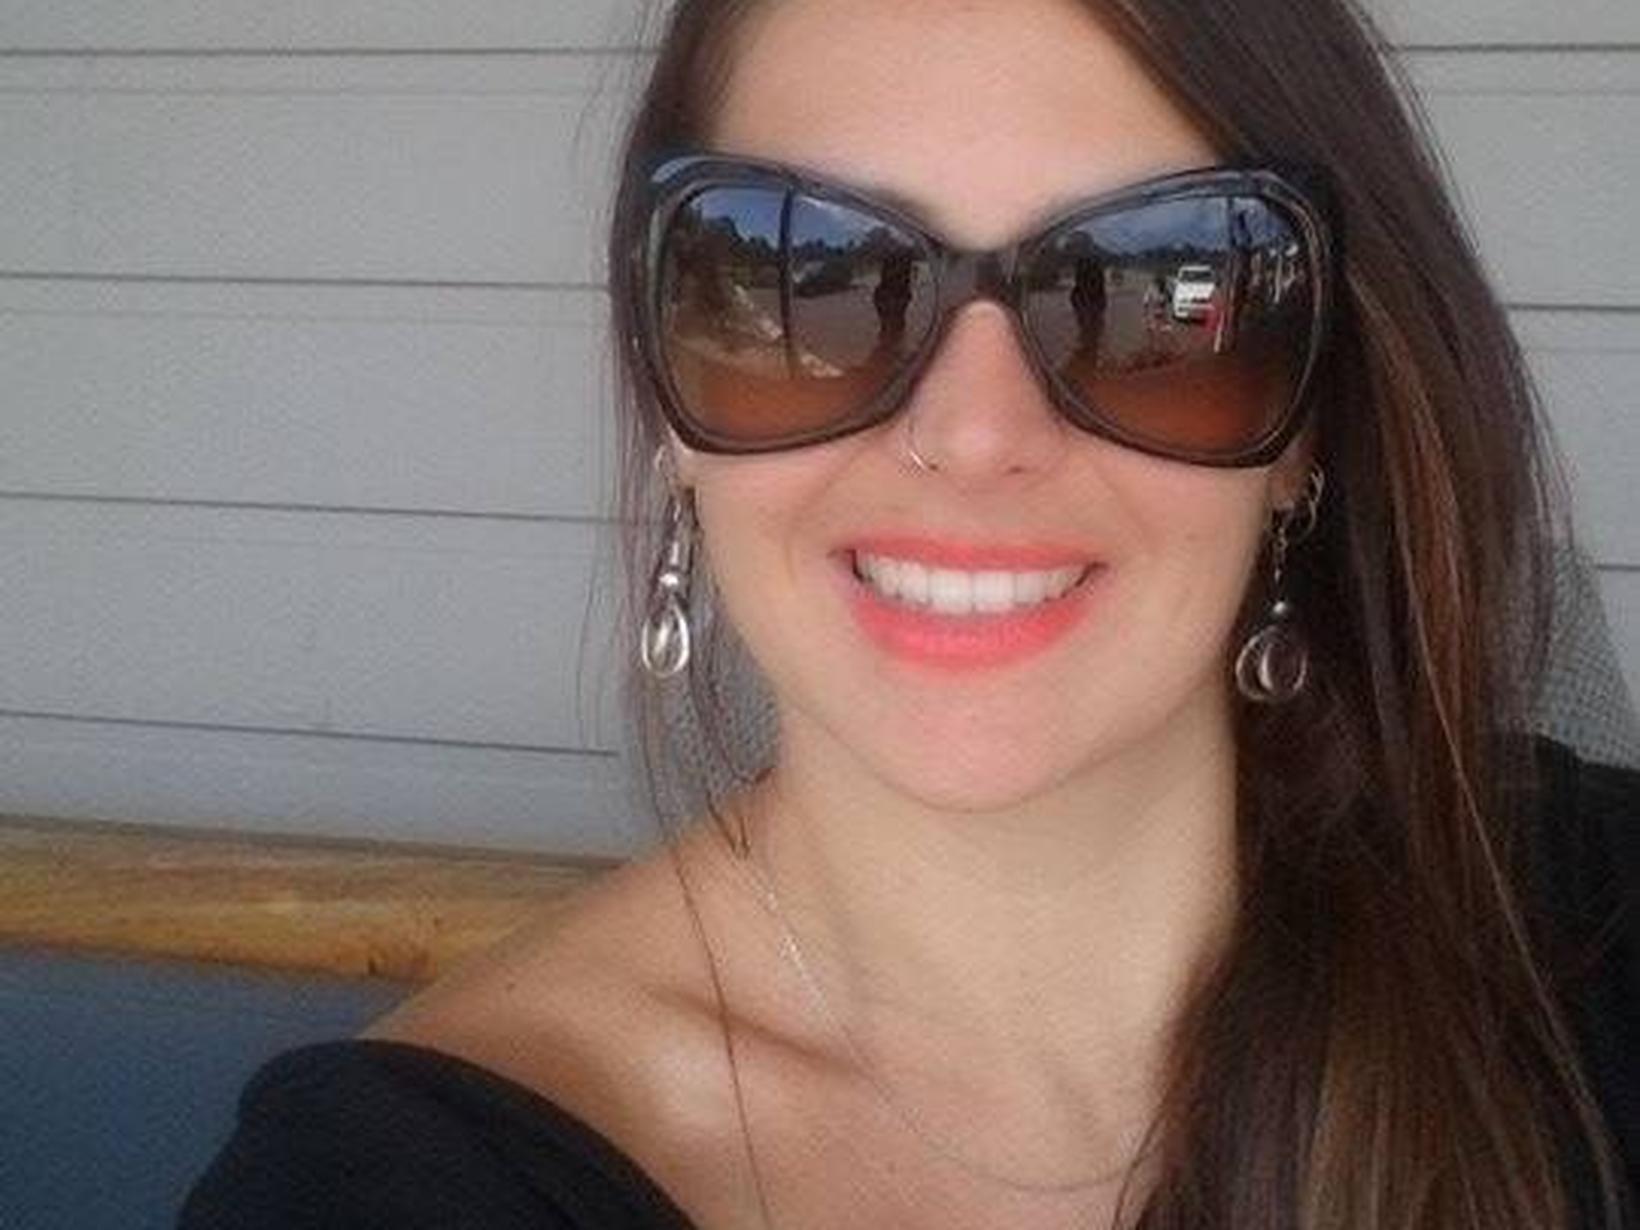 Ottavia from Melbourne, Victoria, Australia